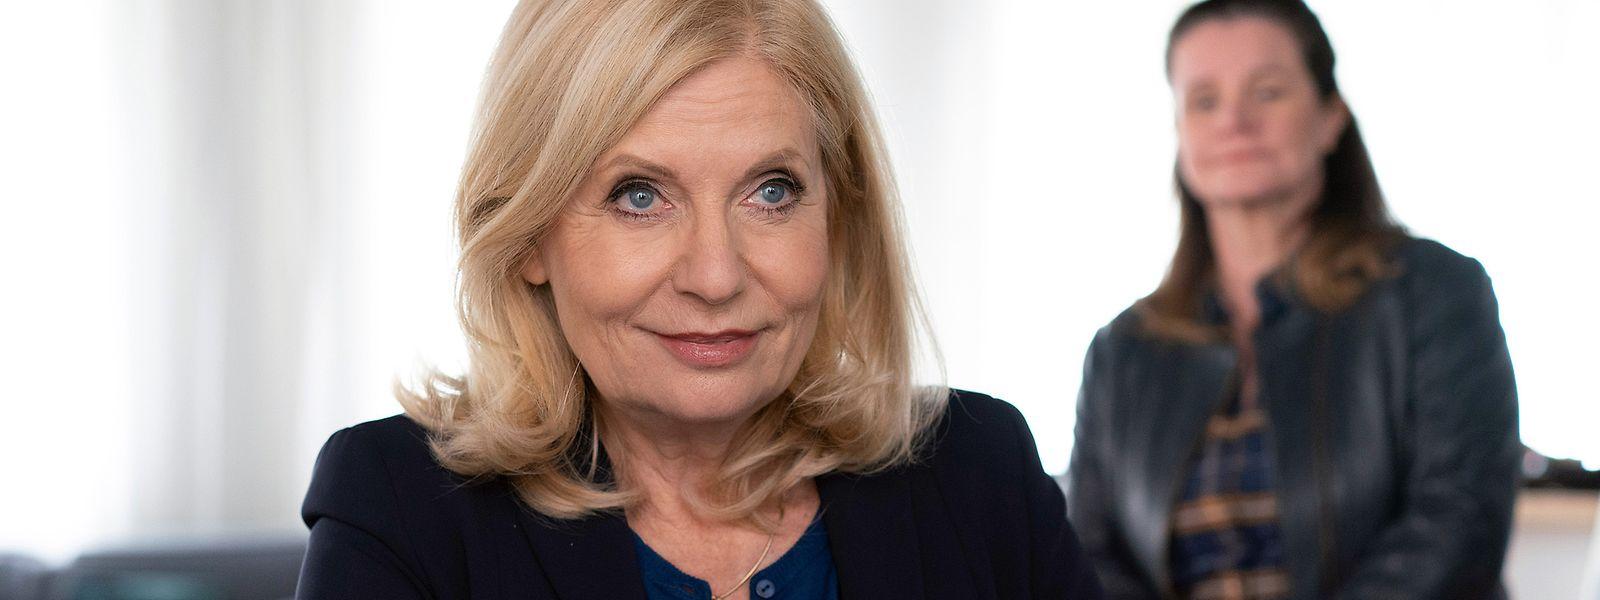 """Sabine Postel verkörpert in der Serie """"Die Kanzlei"""" die erfahrene Rechtsanwältin Isa von Brede – und das seit nunmehr 13 Jahren."""